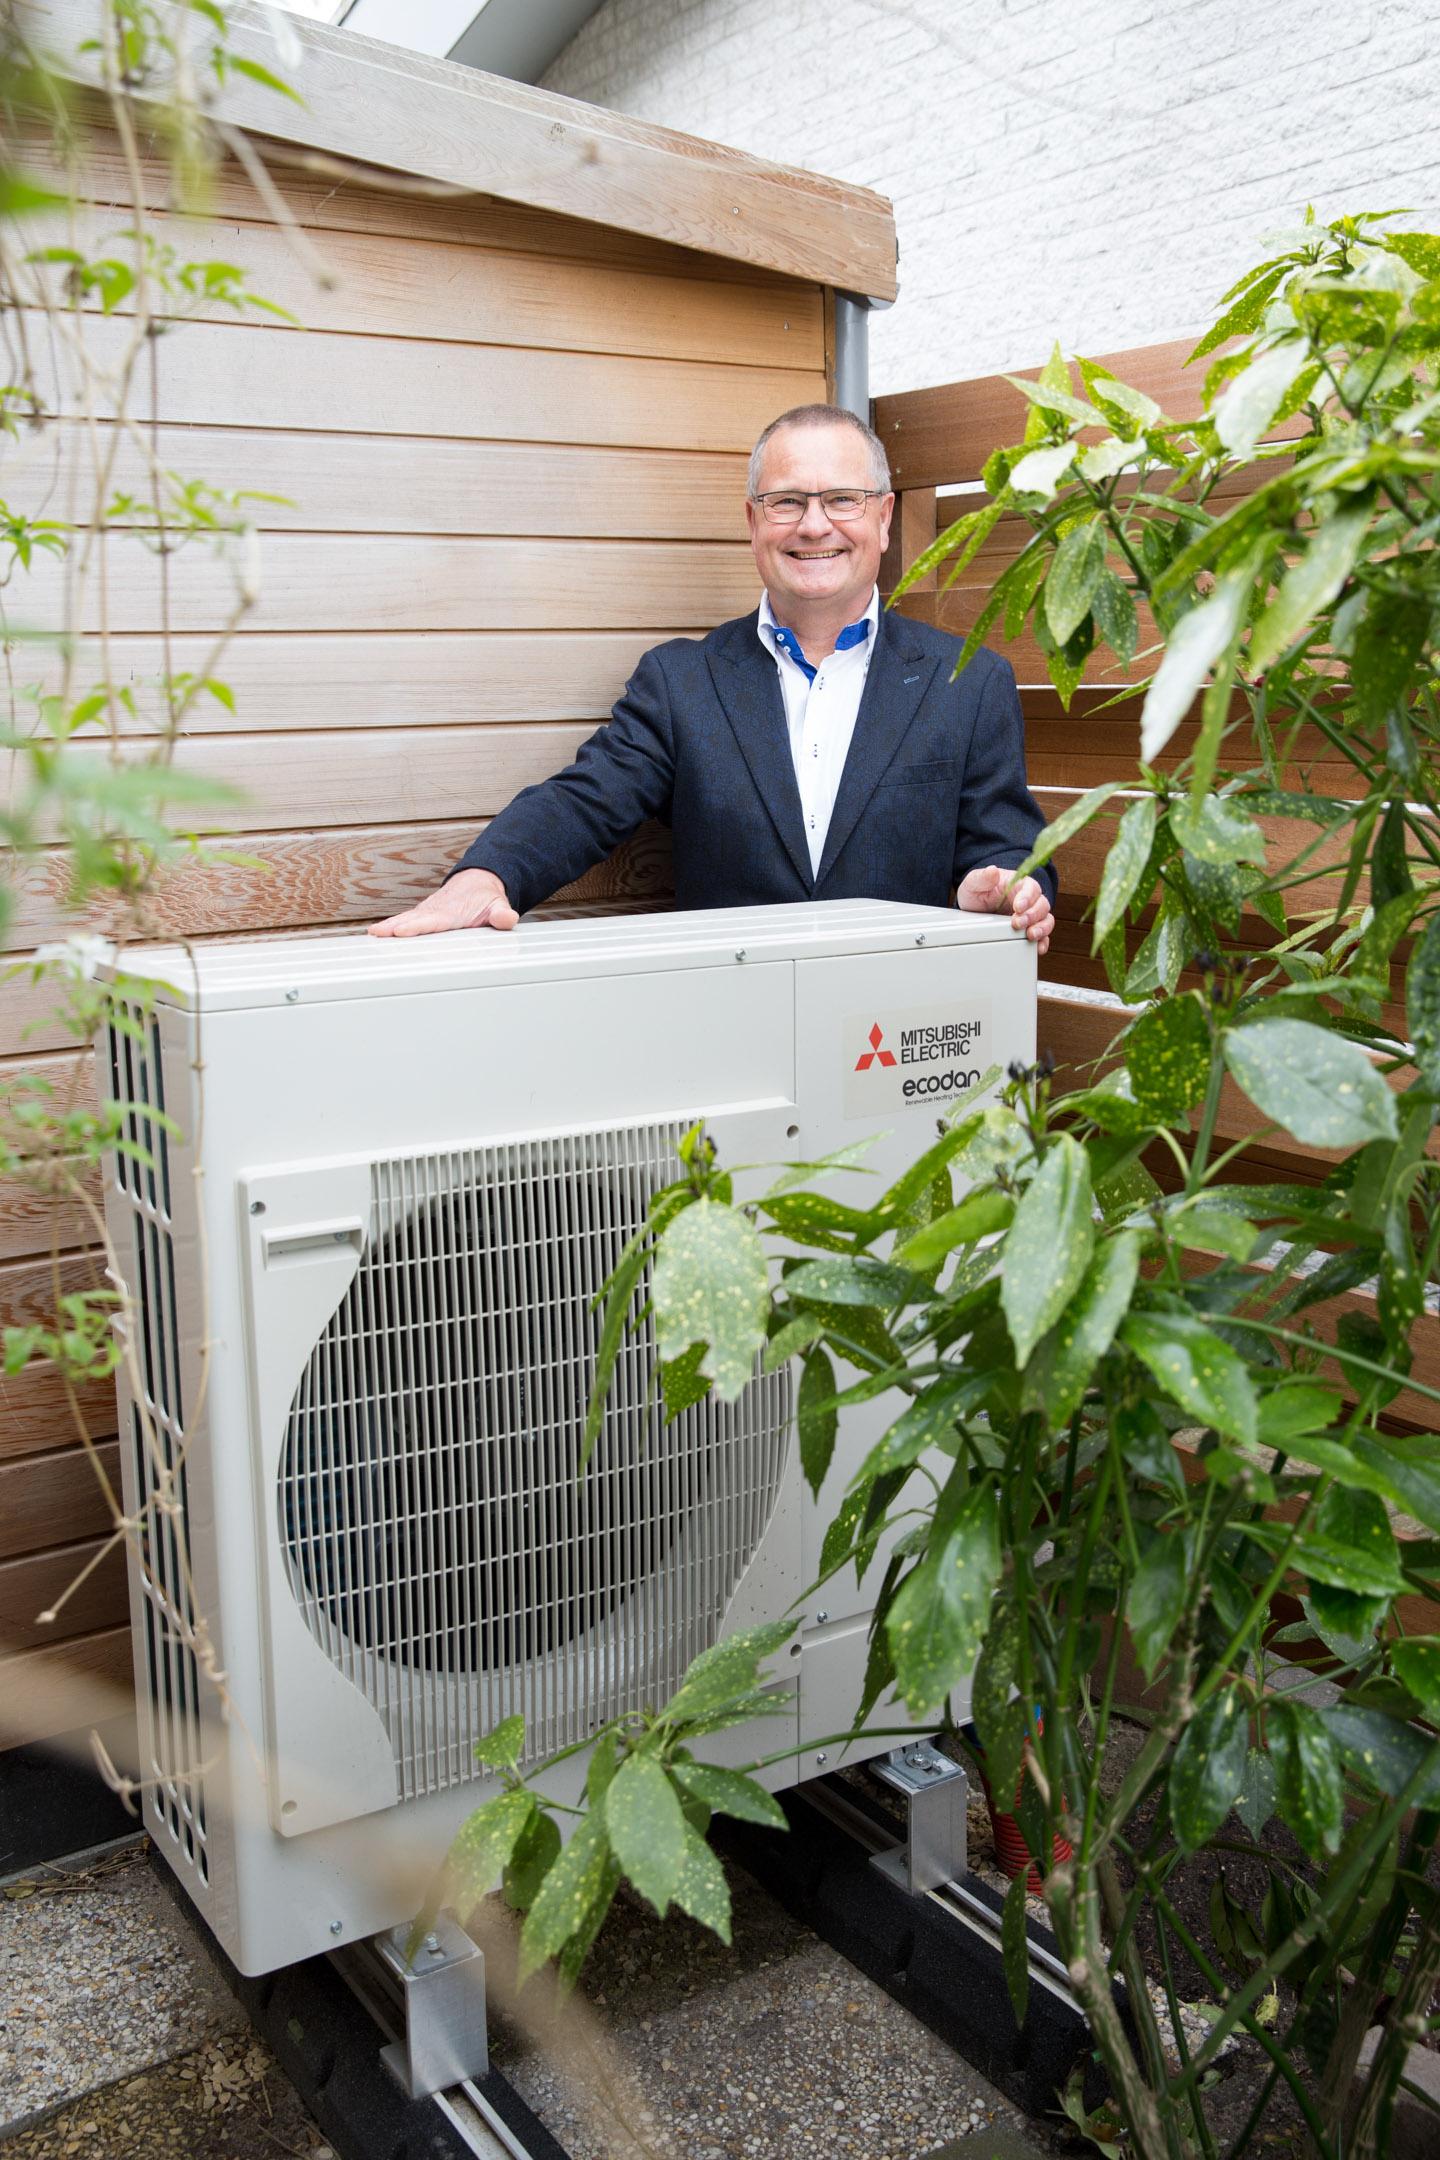 Energieneutraal-huis-woonwijk-wonen-thuisbaas-credit-Chantal-Bekker-GraphicAlert-34-warmtepomp